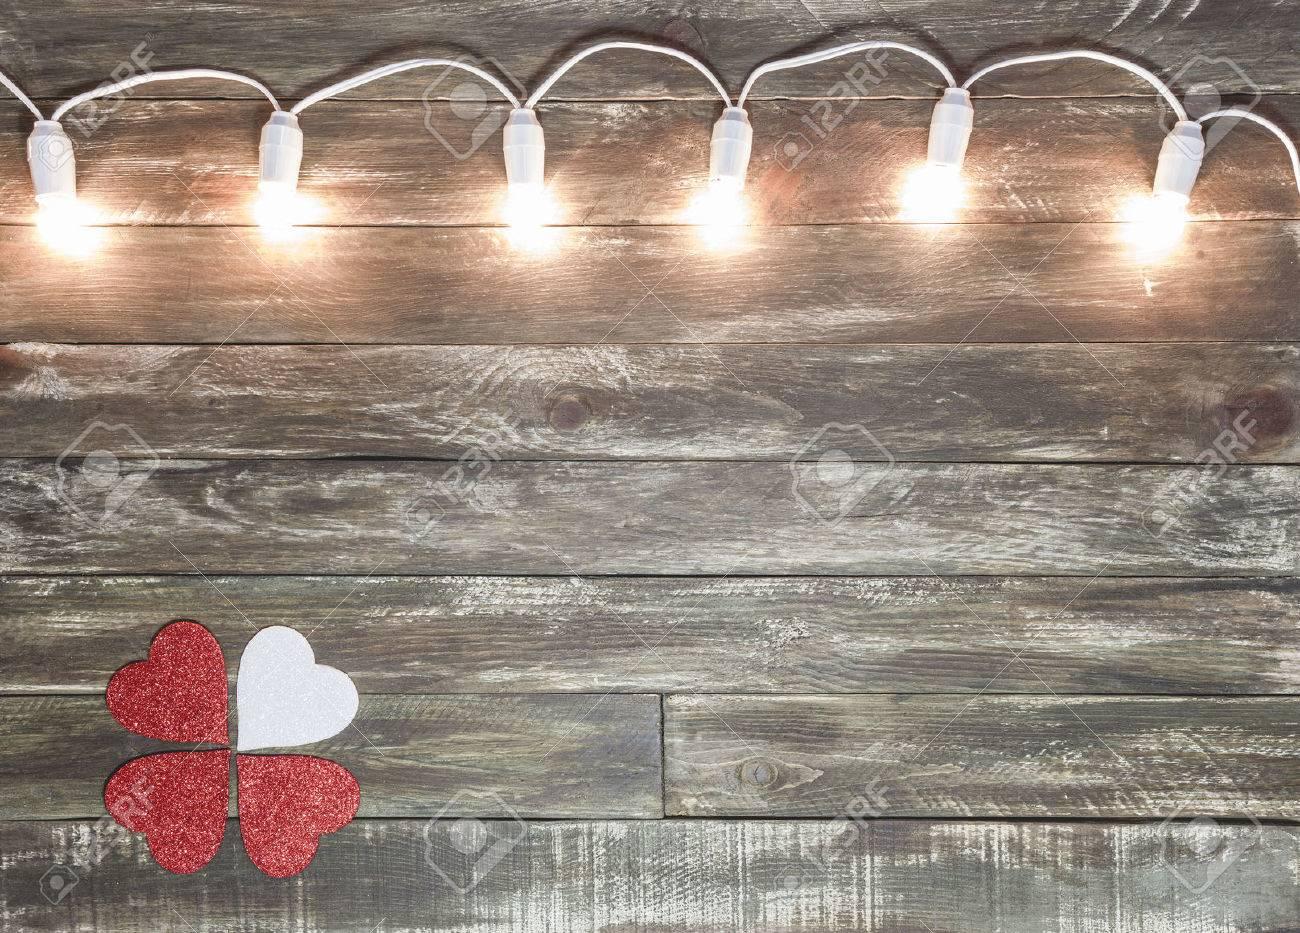 saint valentine wooden textured background with light garland - 68053077